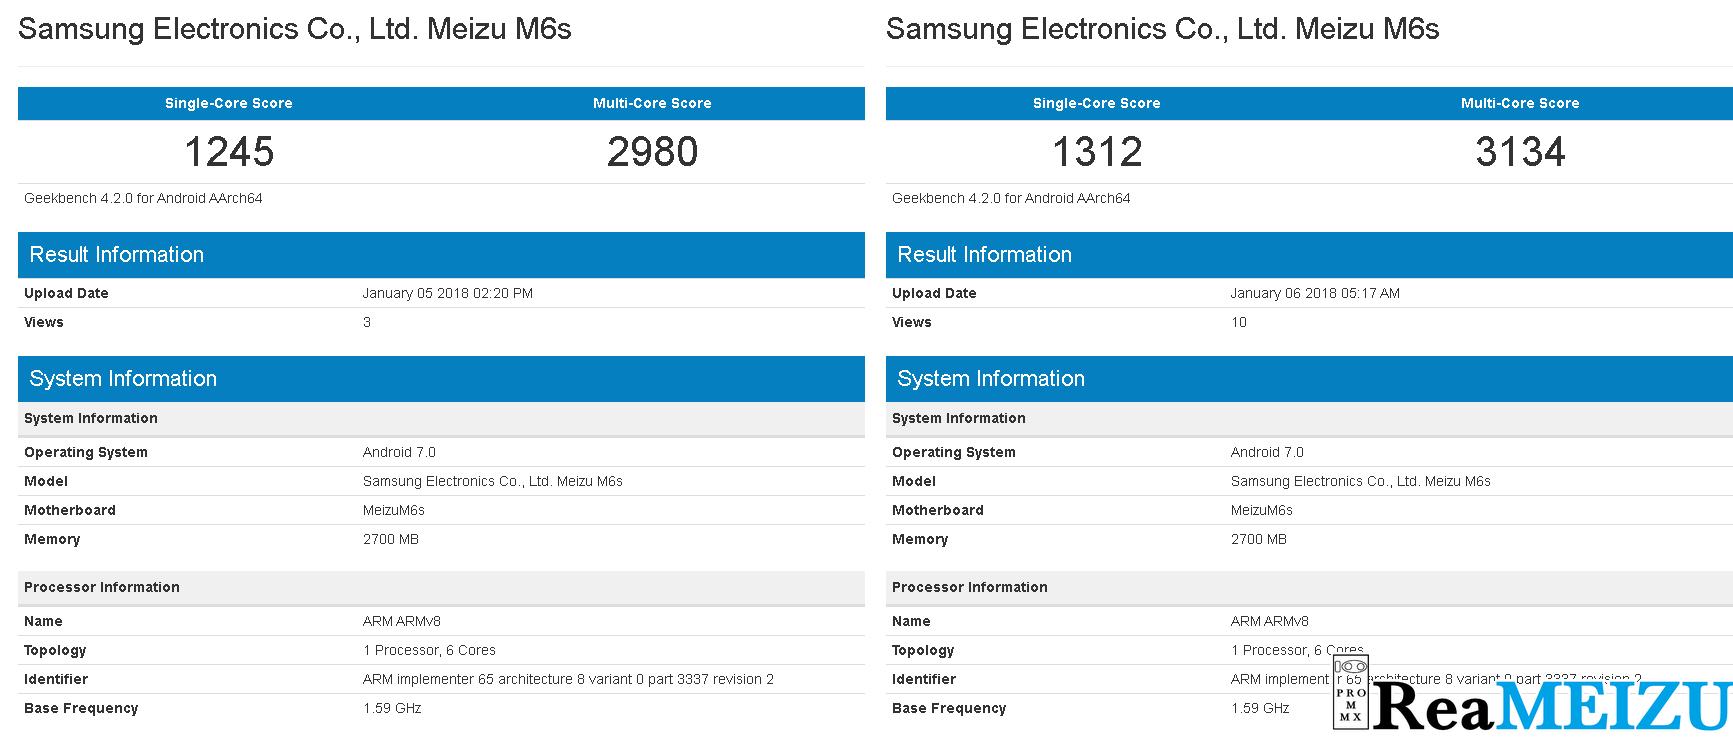 魅藍 S6(Meizu M6s)がGeekbenchに登場。SAMSUNG製プロセッサーを搭載